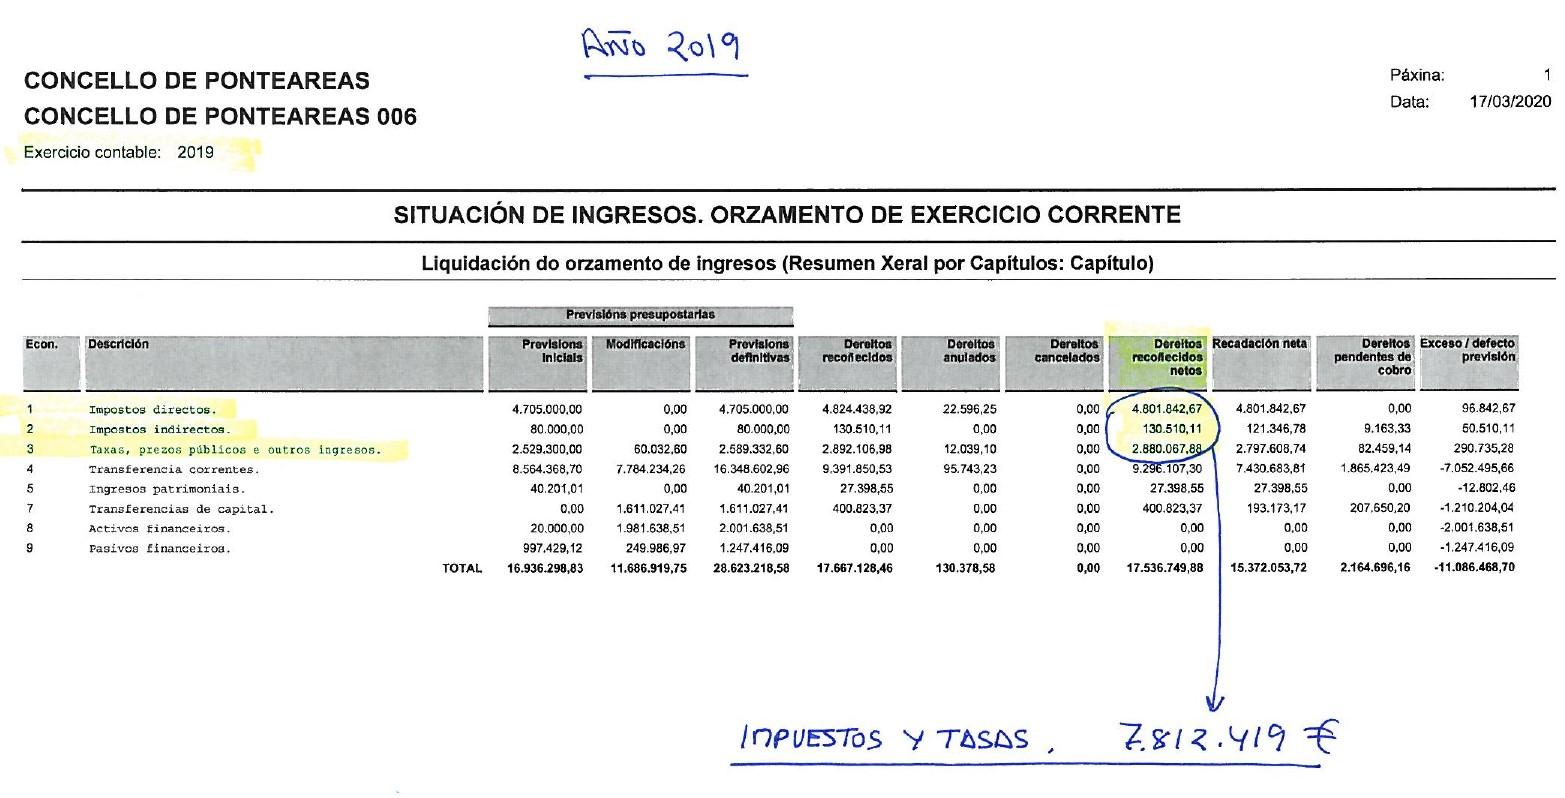 IMPUESTOS Y TASAS AÑO 2019 – GOBIERNO BNG PSOE Page 0001